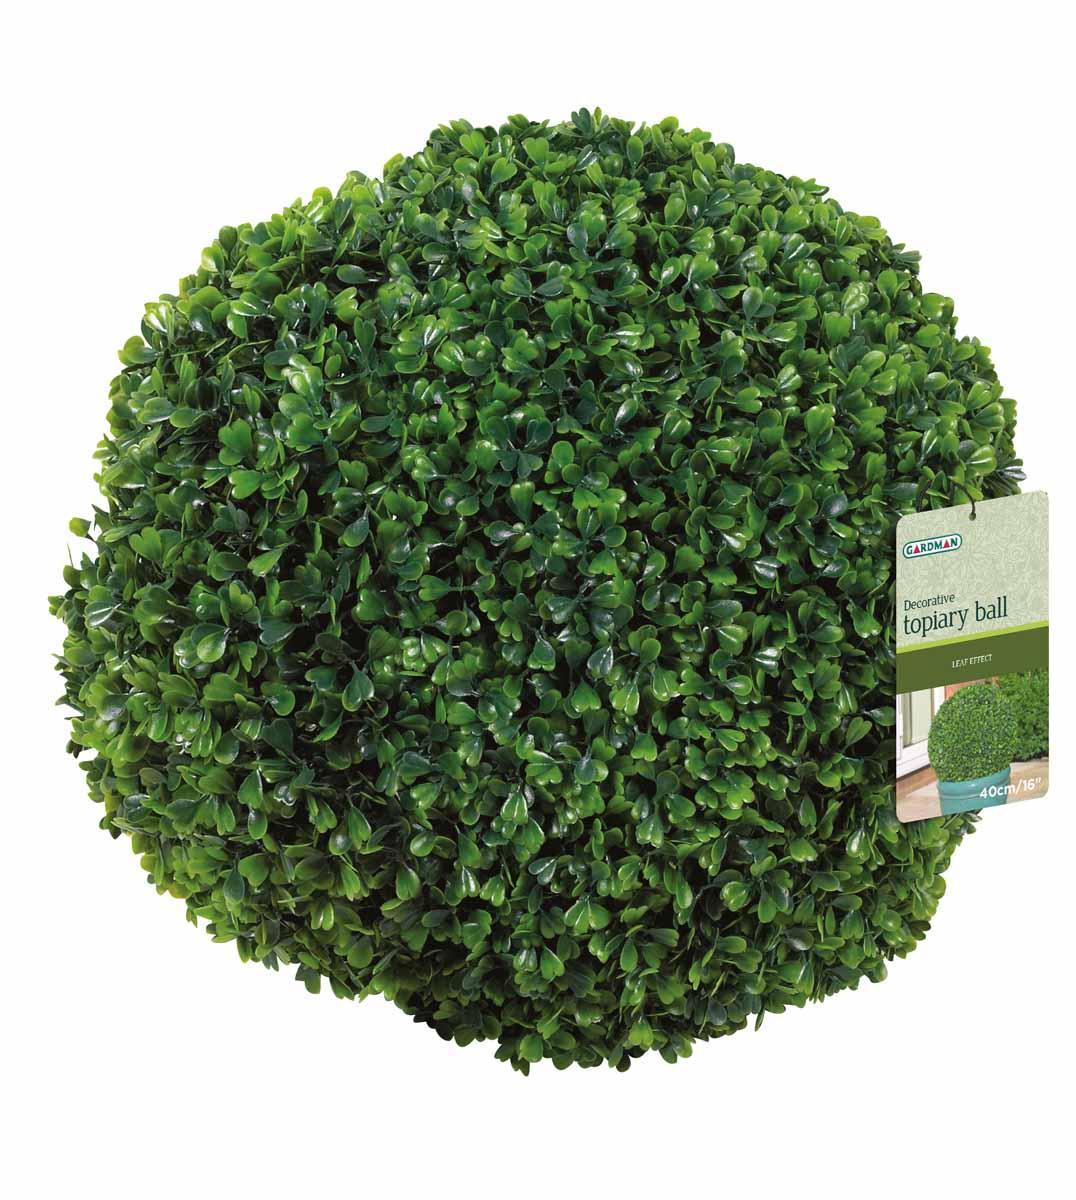 Искусственное растение Gardman Topiary Ball. Самшит, цвет: зеленый, диаметр 40 смCAD300UBECИскусственное растение Gardman Topiary Ball выполнено из пластика в виде шара. Листья растения зеленого цвета имитируют самшит. К растению прикреплены три цепочки с крючком, за который его можно повесить в любое место. Также растение можно поместить в горшок. Растение устойчиво к воздействиям внешней среды, таким как влажность, солнце, перепады температуры, не выцветает со временем. Искусственное растение Gardman Topiary Ball великолепно украсит интерьер офиса, дома или сада.Характеристики:Материал: пластик, металл. Цвет: зеленый. Диаметр шара: 40 см. Длина цепочек с крючком: 30 см.